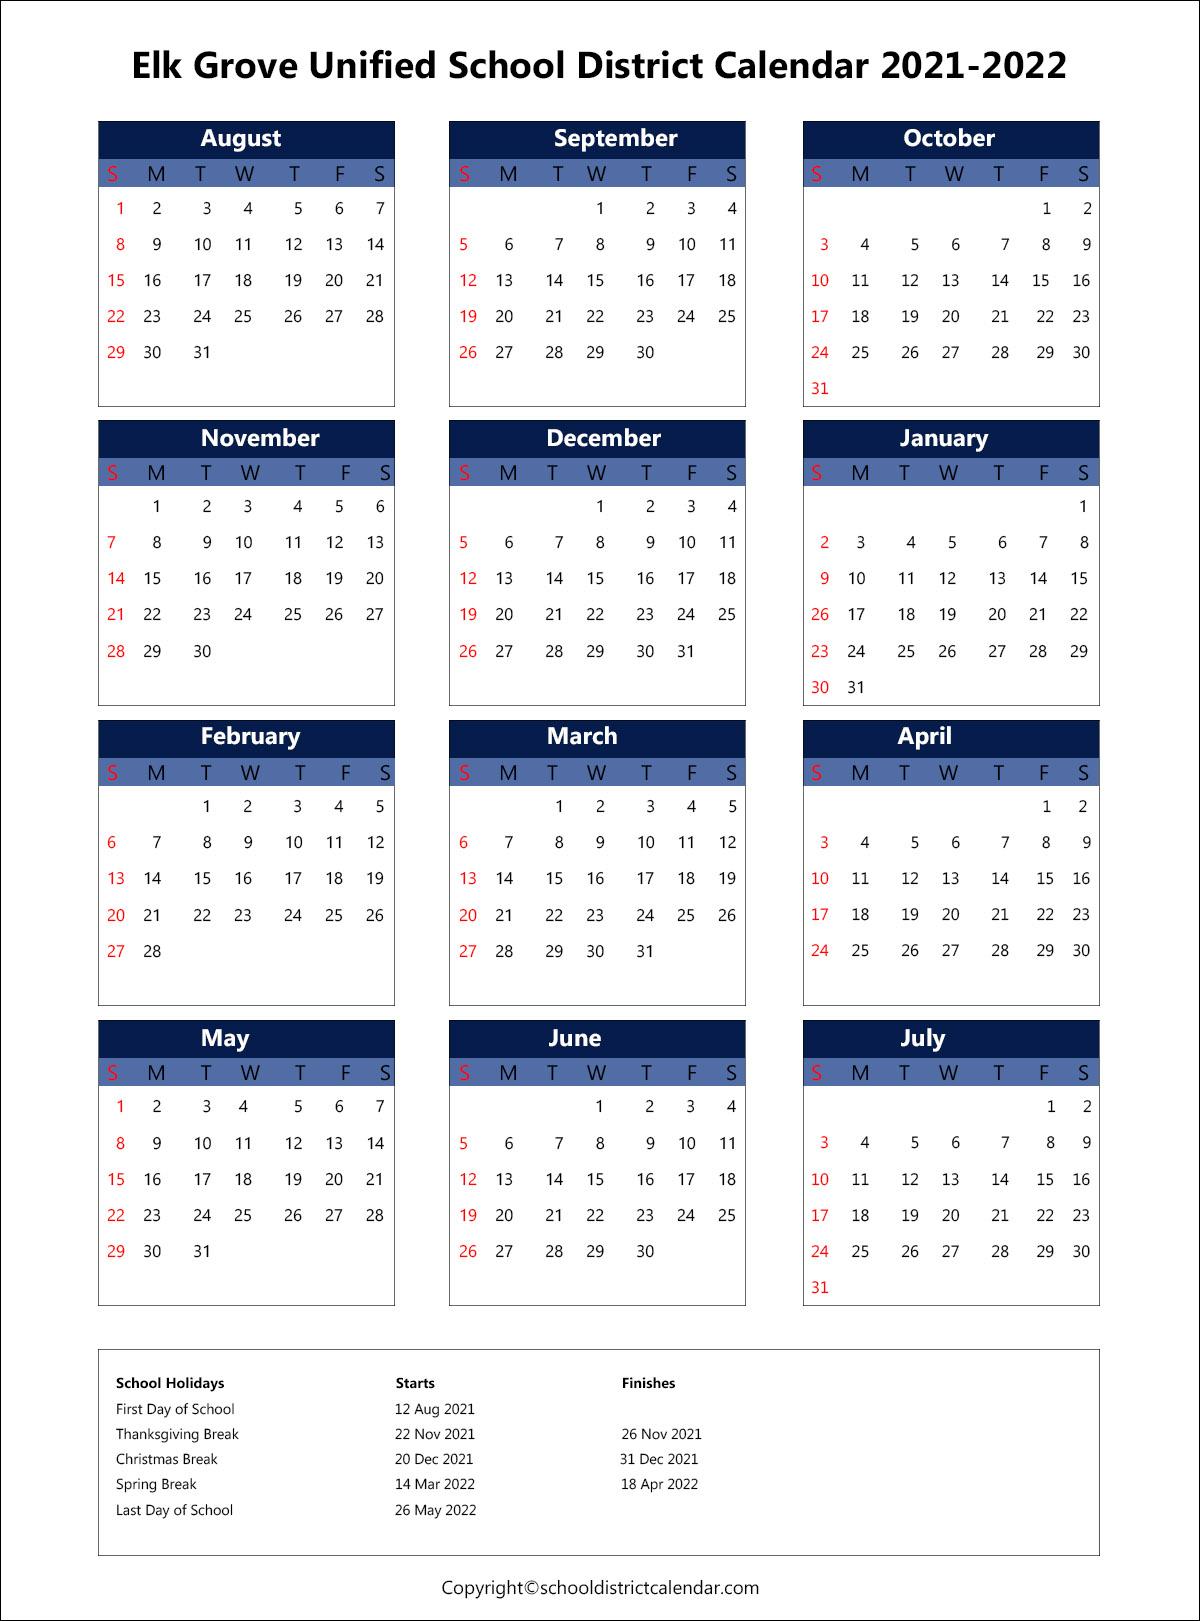 Elk Grove Unified School District Calendar 2021